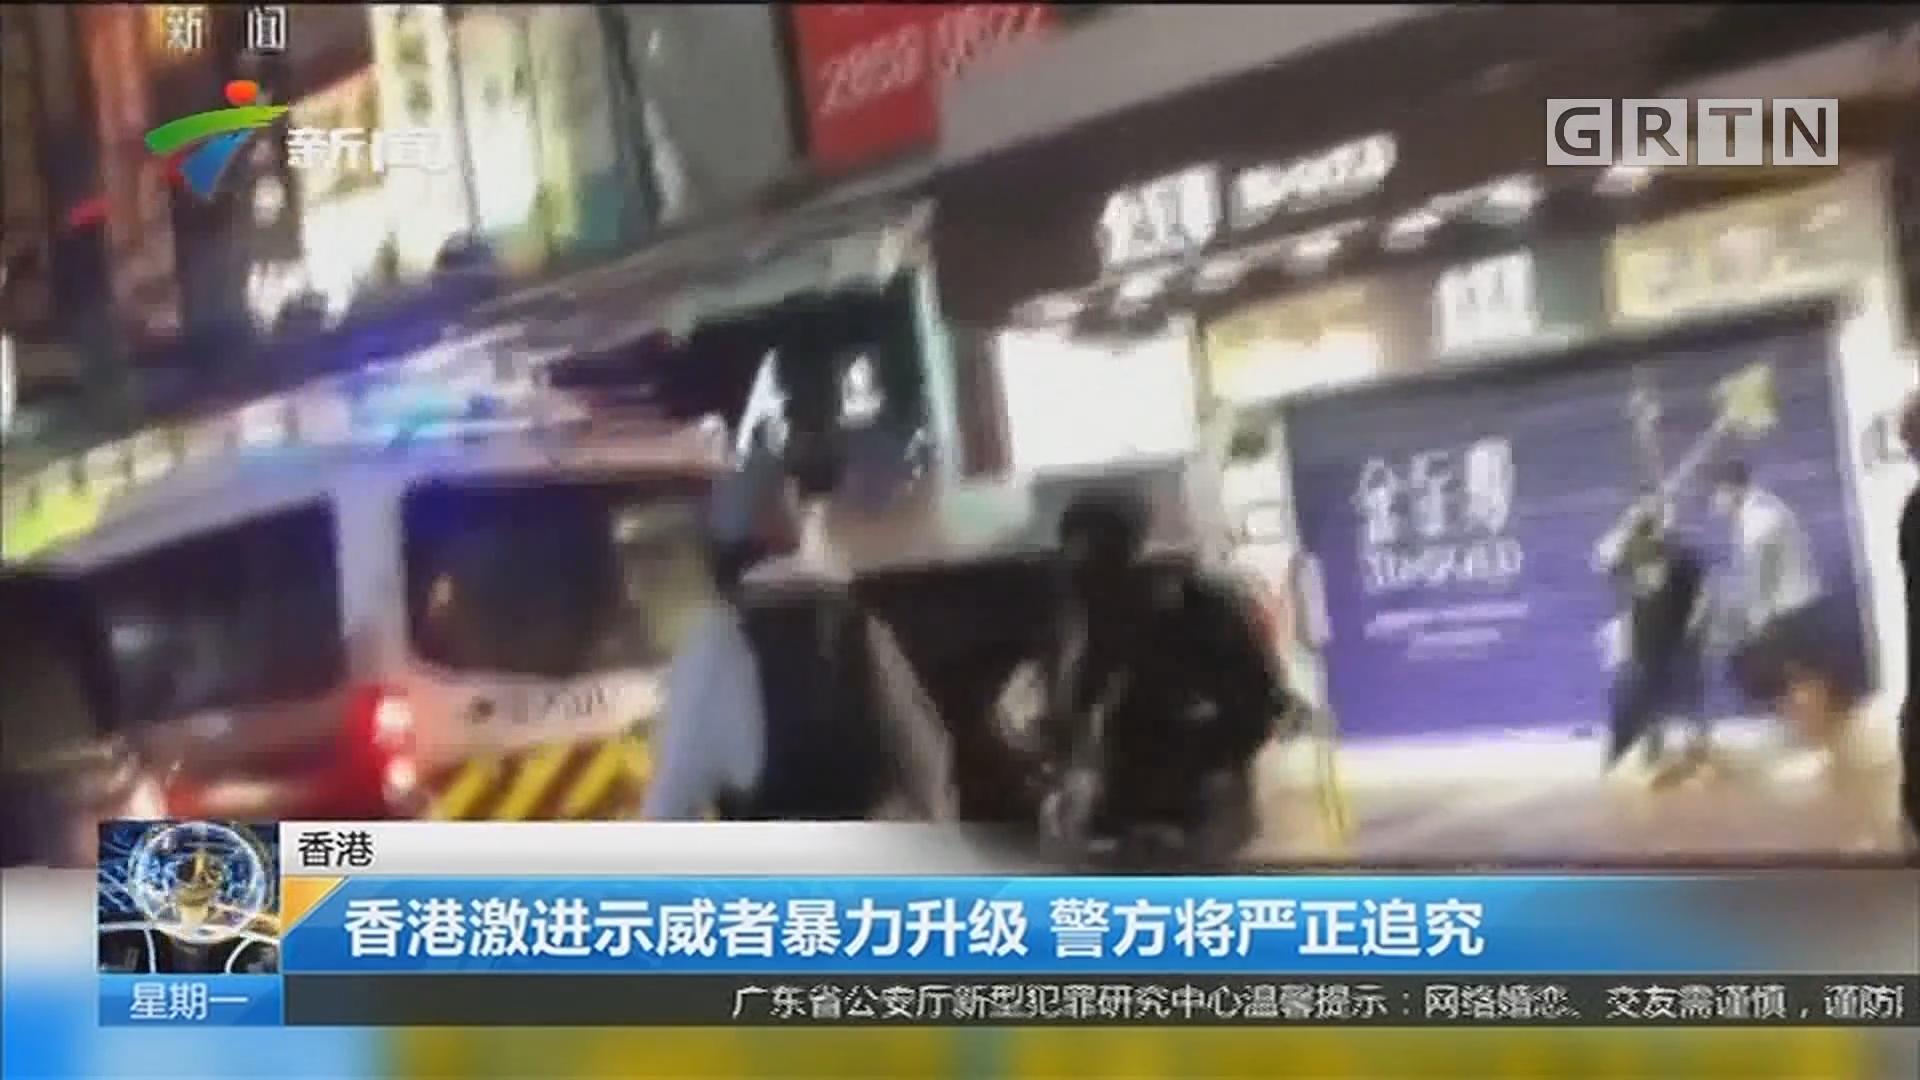 香港:香港激进示威者暴力升级 警方将严正追究